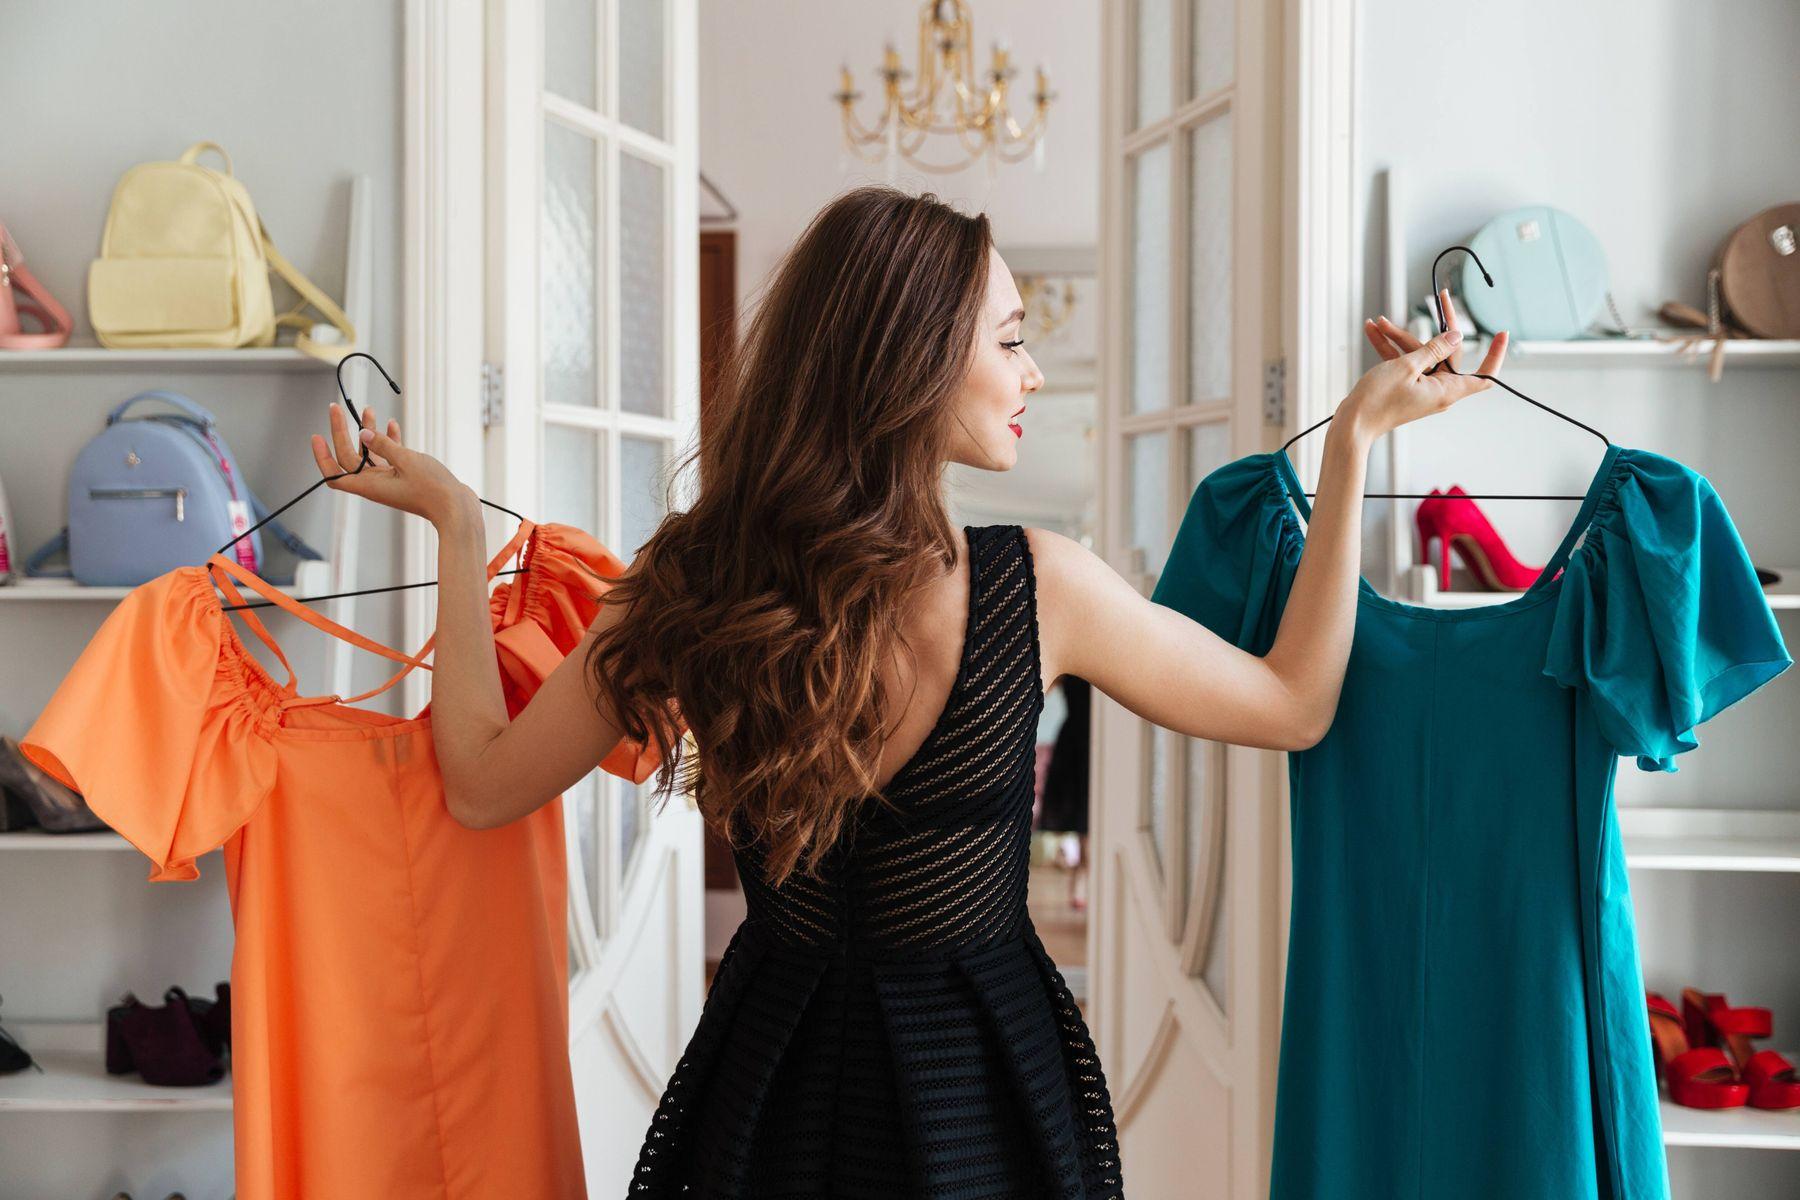 Mẹo bảo quản váy dạ hội luôn bền đẹp theo từng chất liệu